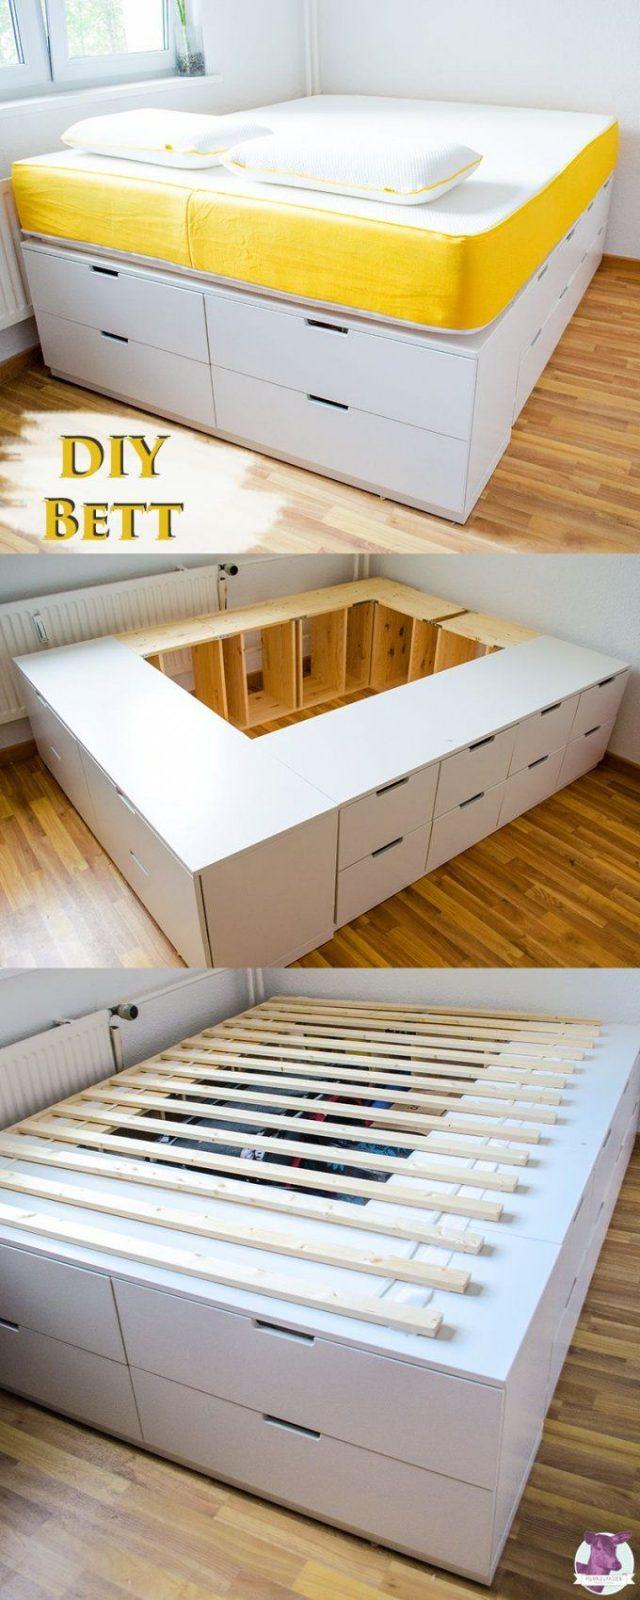 Diy Ikea Hack  Plattformbett Selber Bauen Aus Ikea Kommoden von Plattform Bett Selber Bauen Bild